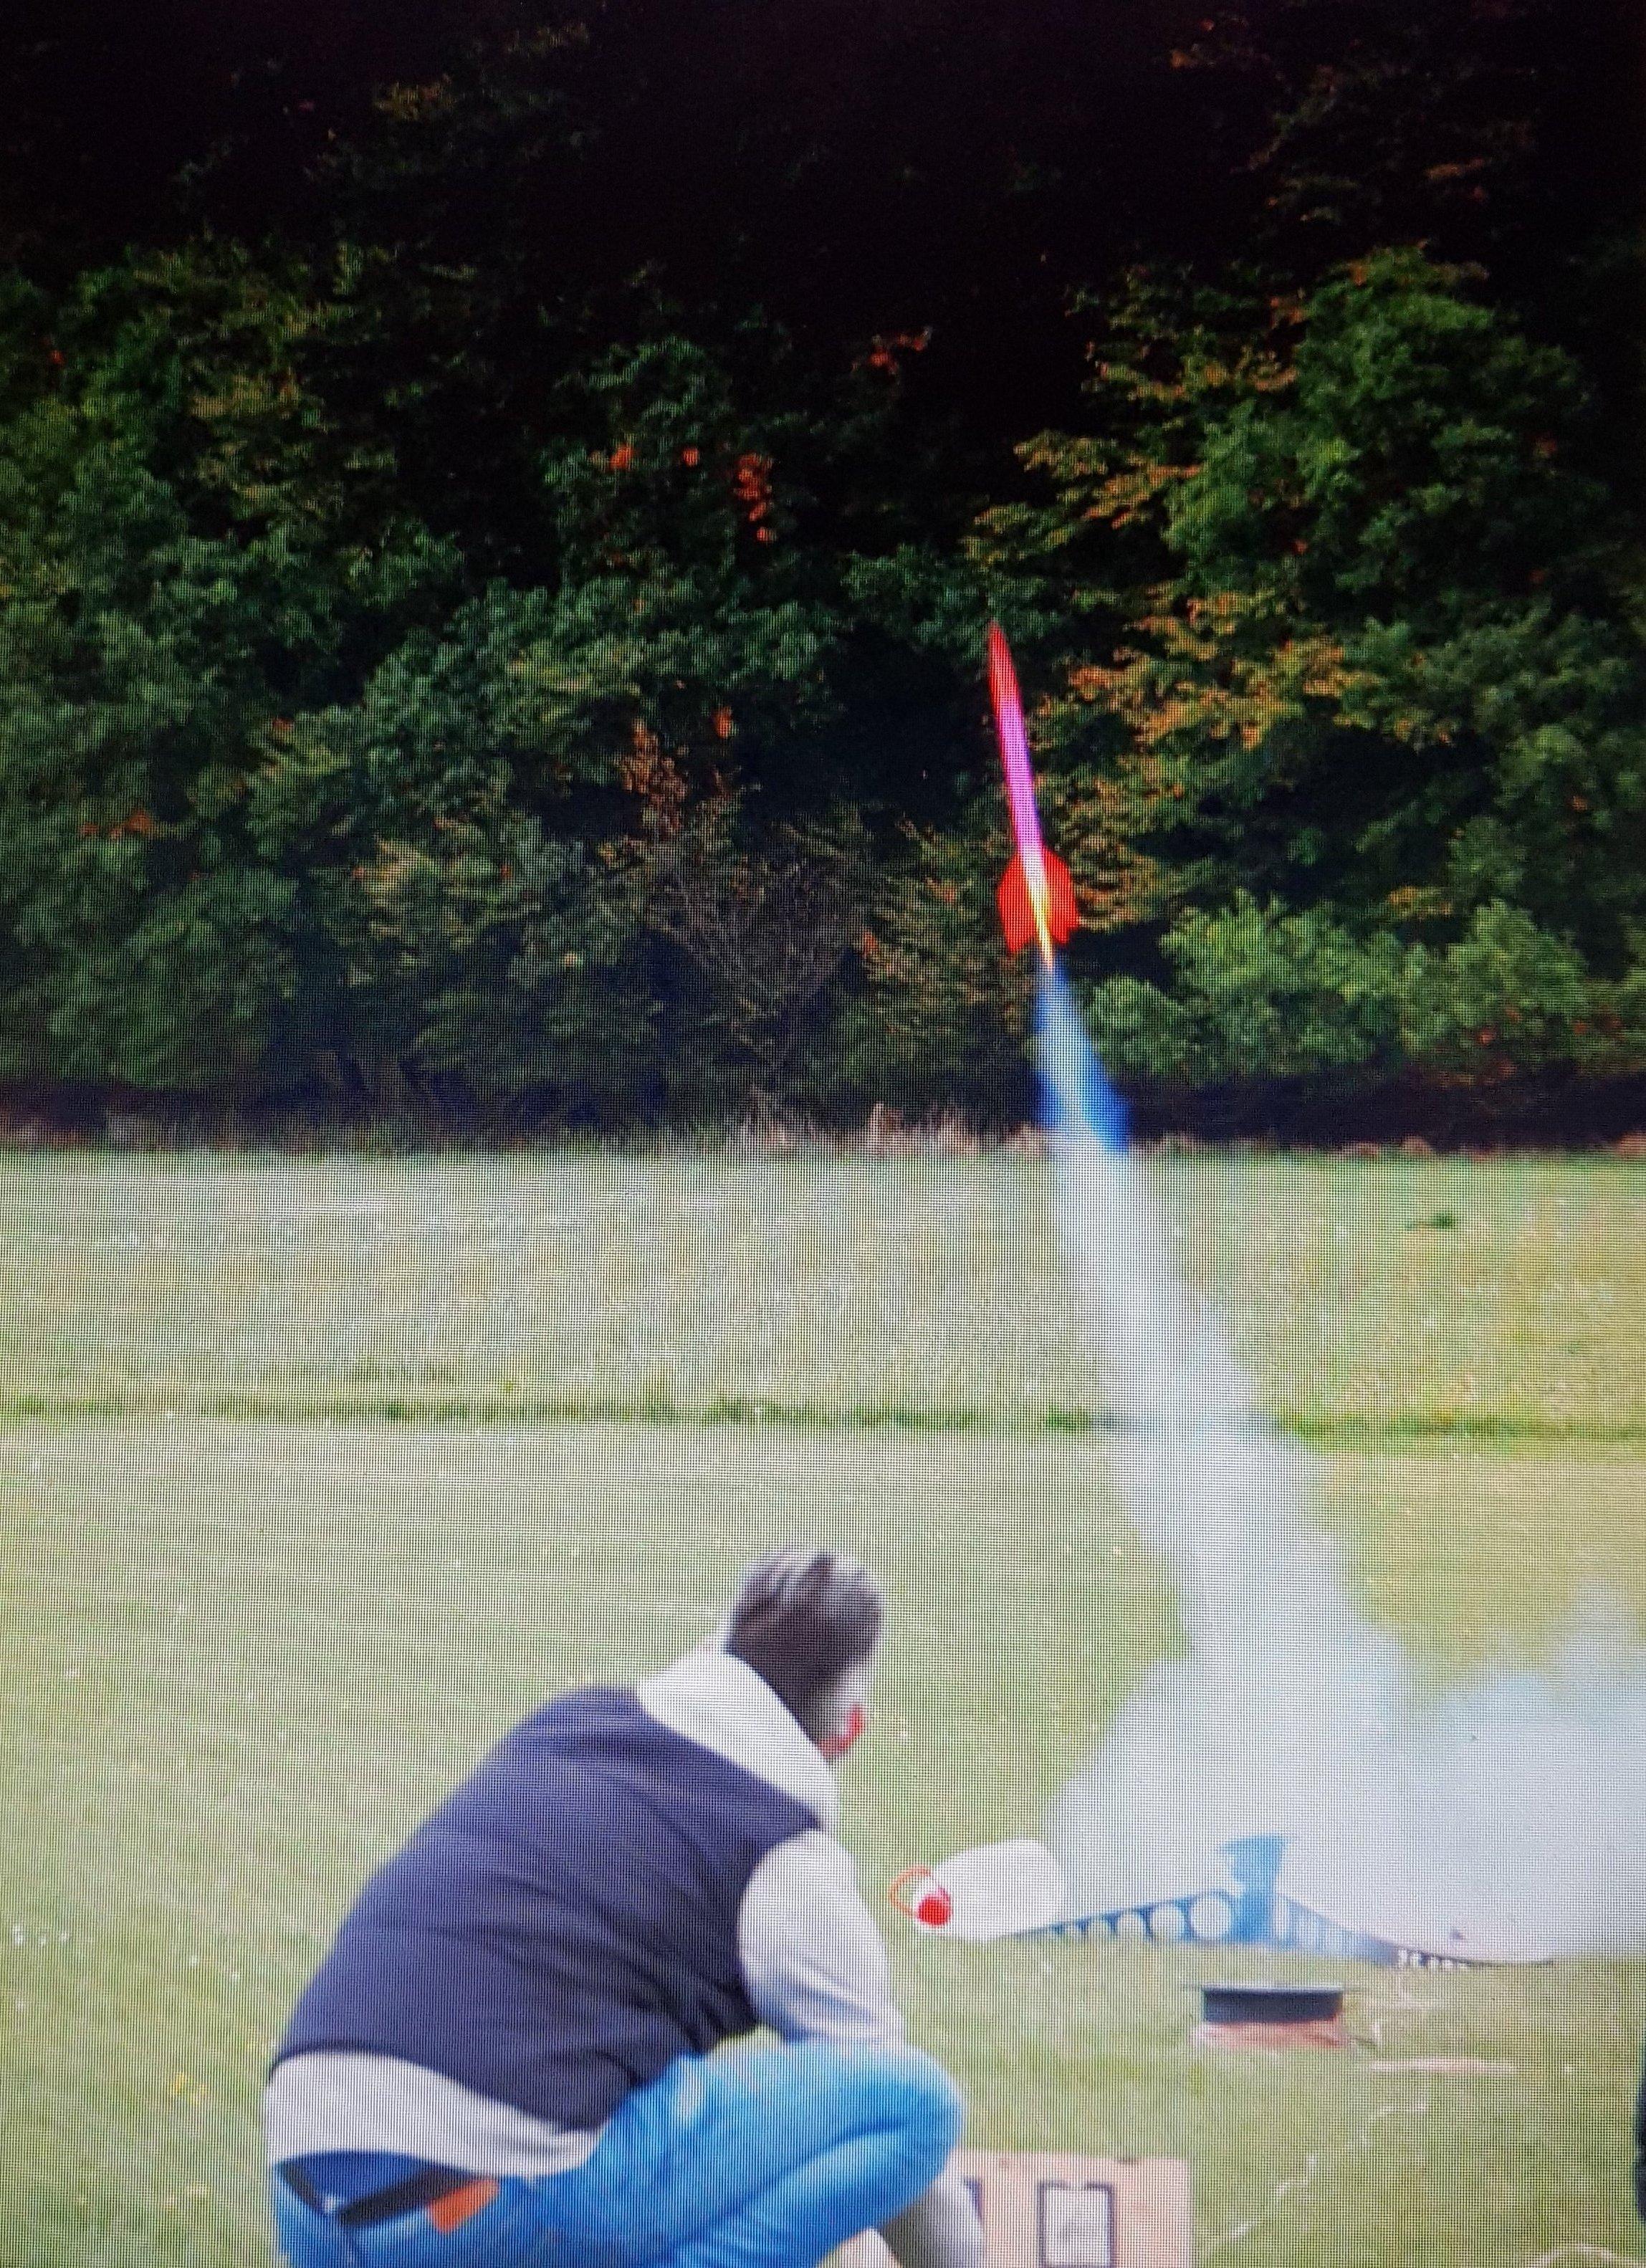 201010_Raketenstart_2